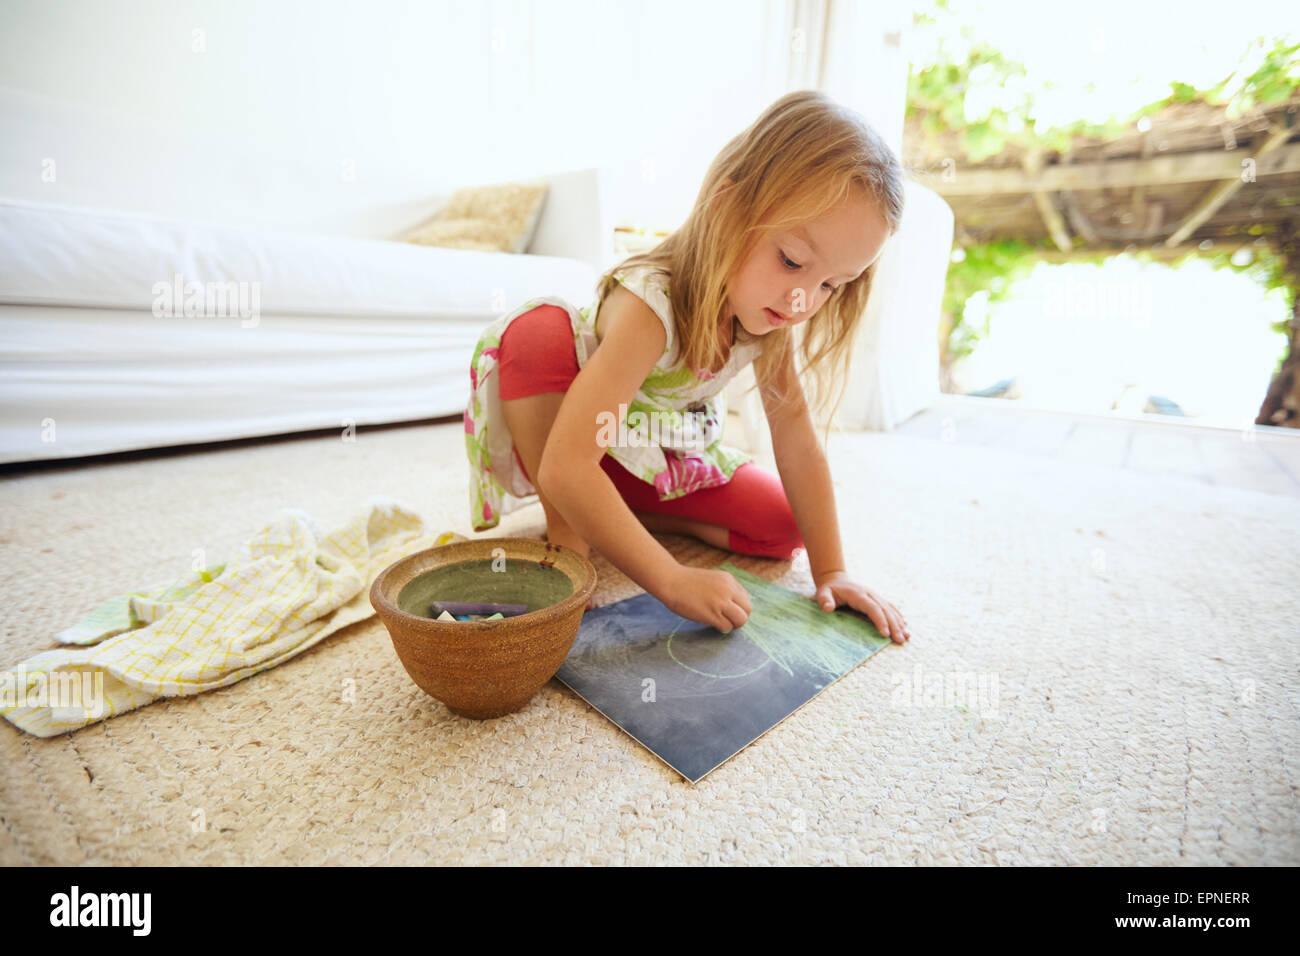 Schuss von unschuldigen kleinen kaukasischen Mädchen am Boden ein Bild mit Farbe Kreide Färbung. Schülerin Stockbild